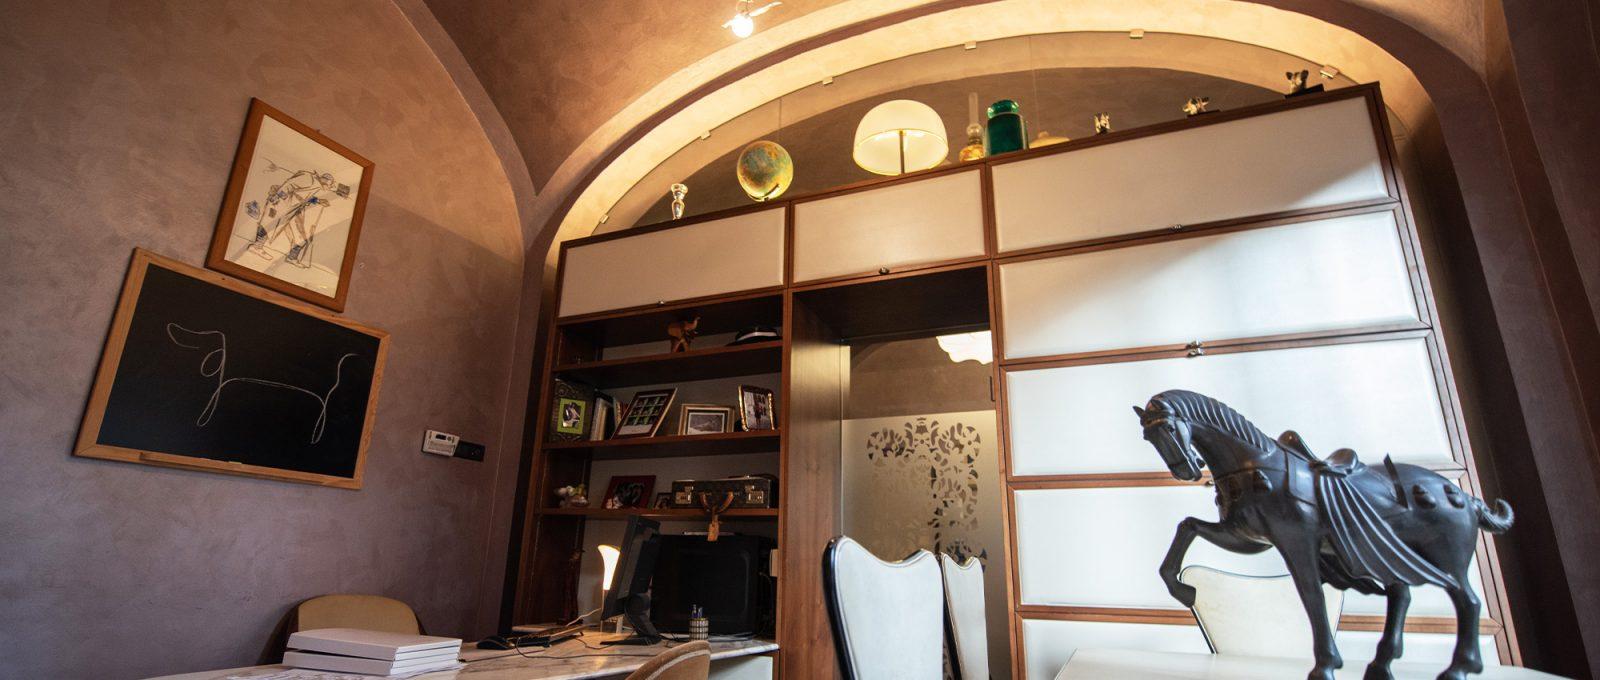 Studio Annamaria Cane | Architettura e Interior Design | Bio